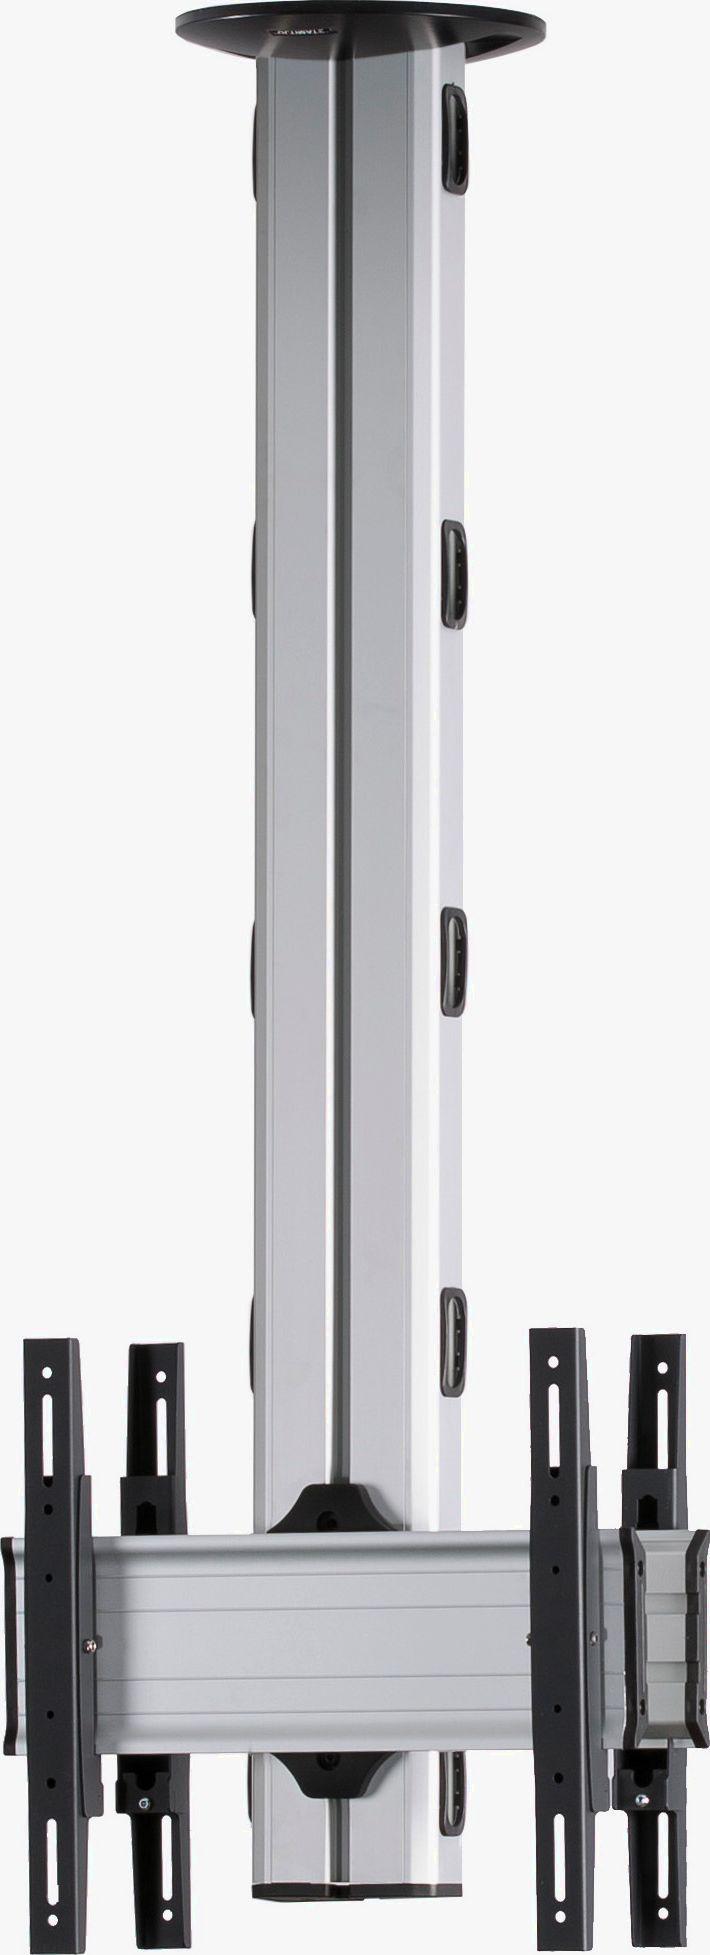 2 Displays 1×1 beidseitig, Höhe 135 cm, Standard-VESA, zur Deckenbefestigung